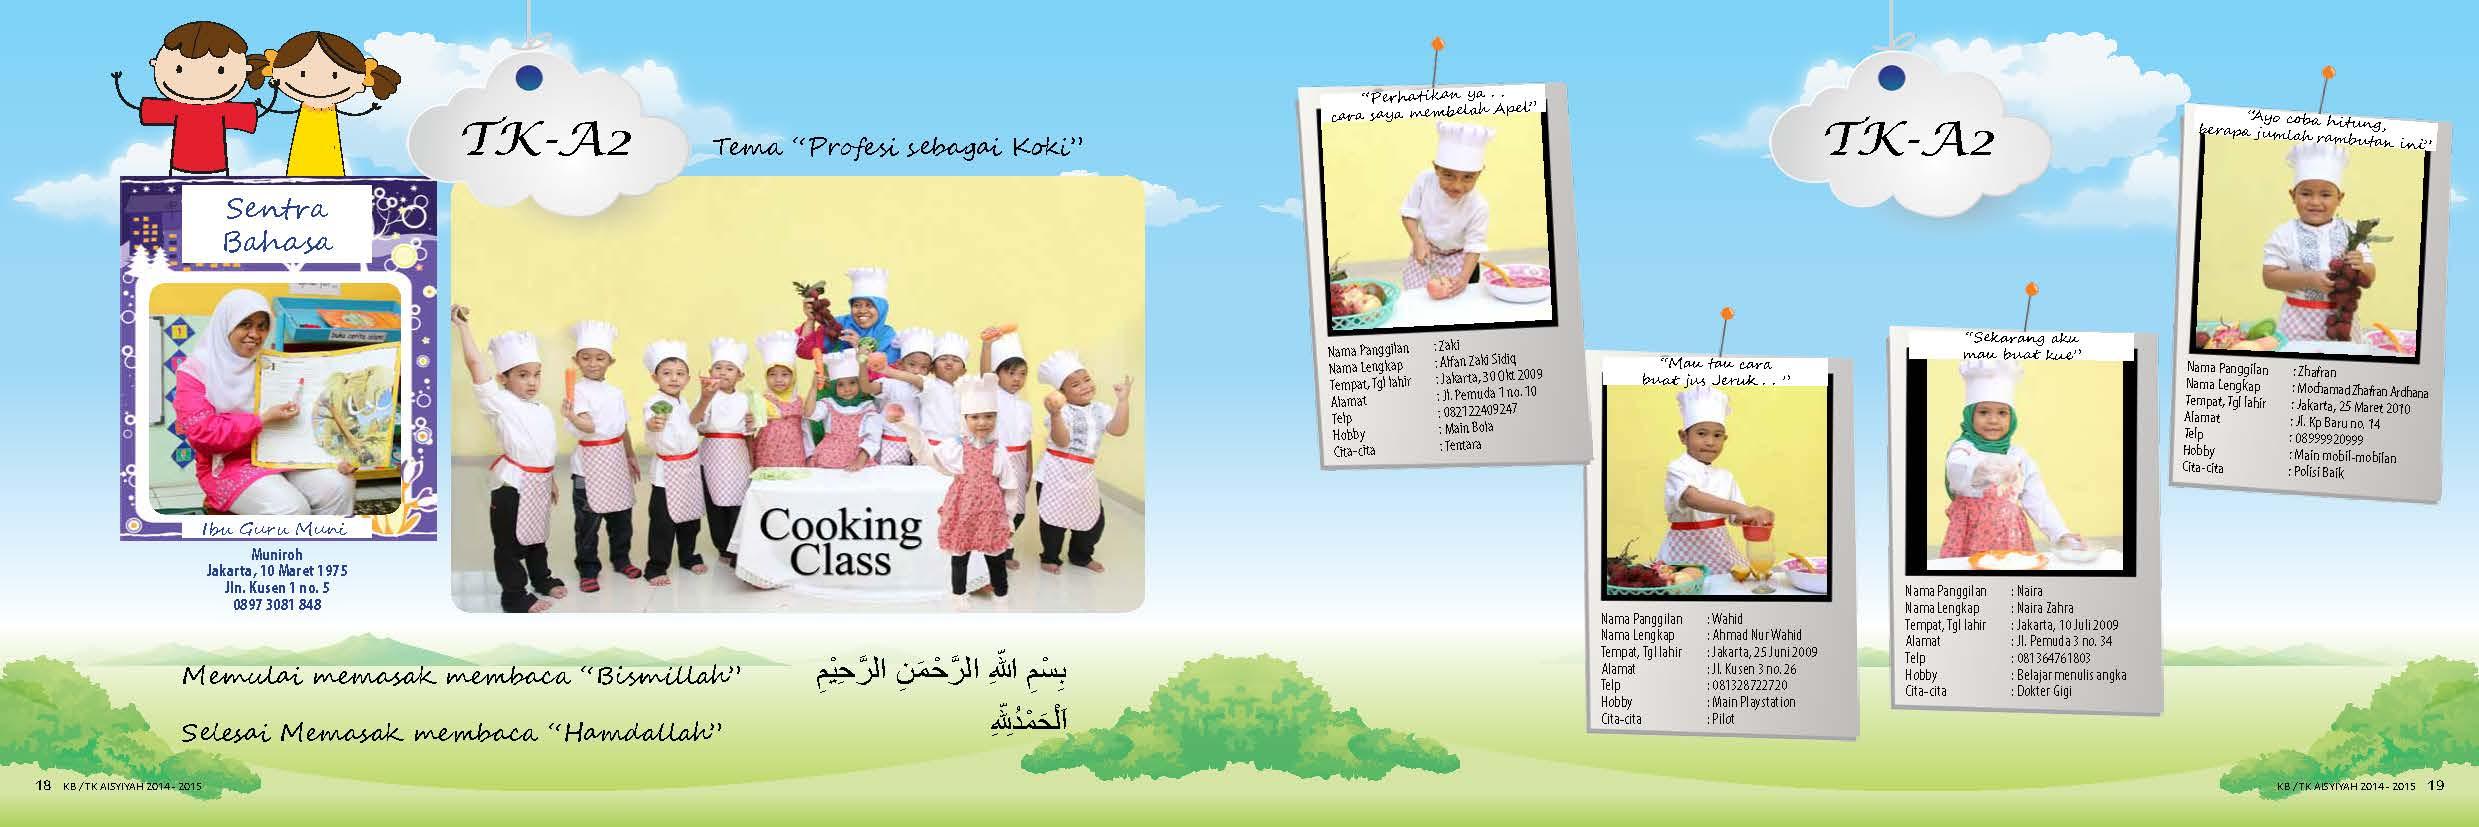 Album Kenangan TK Aisyiyah 2014-2015- (11)